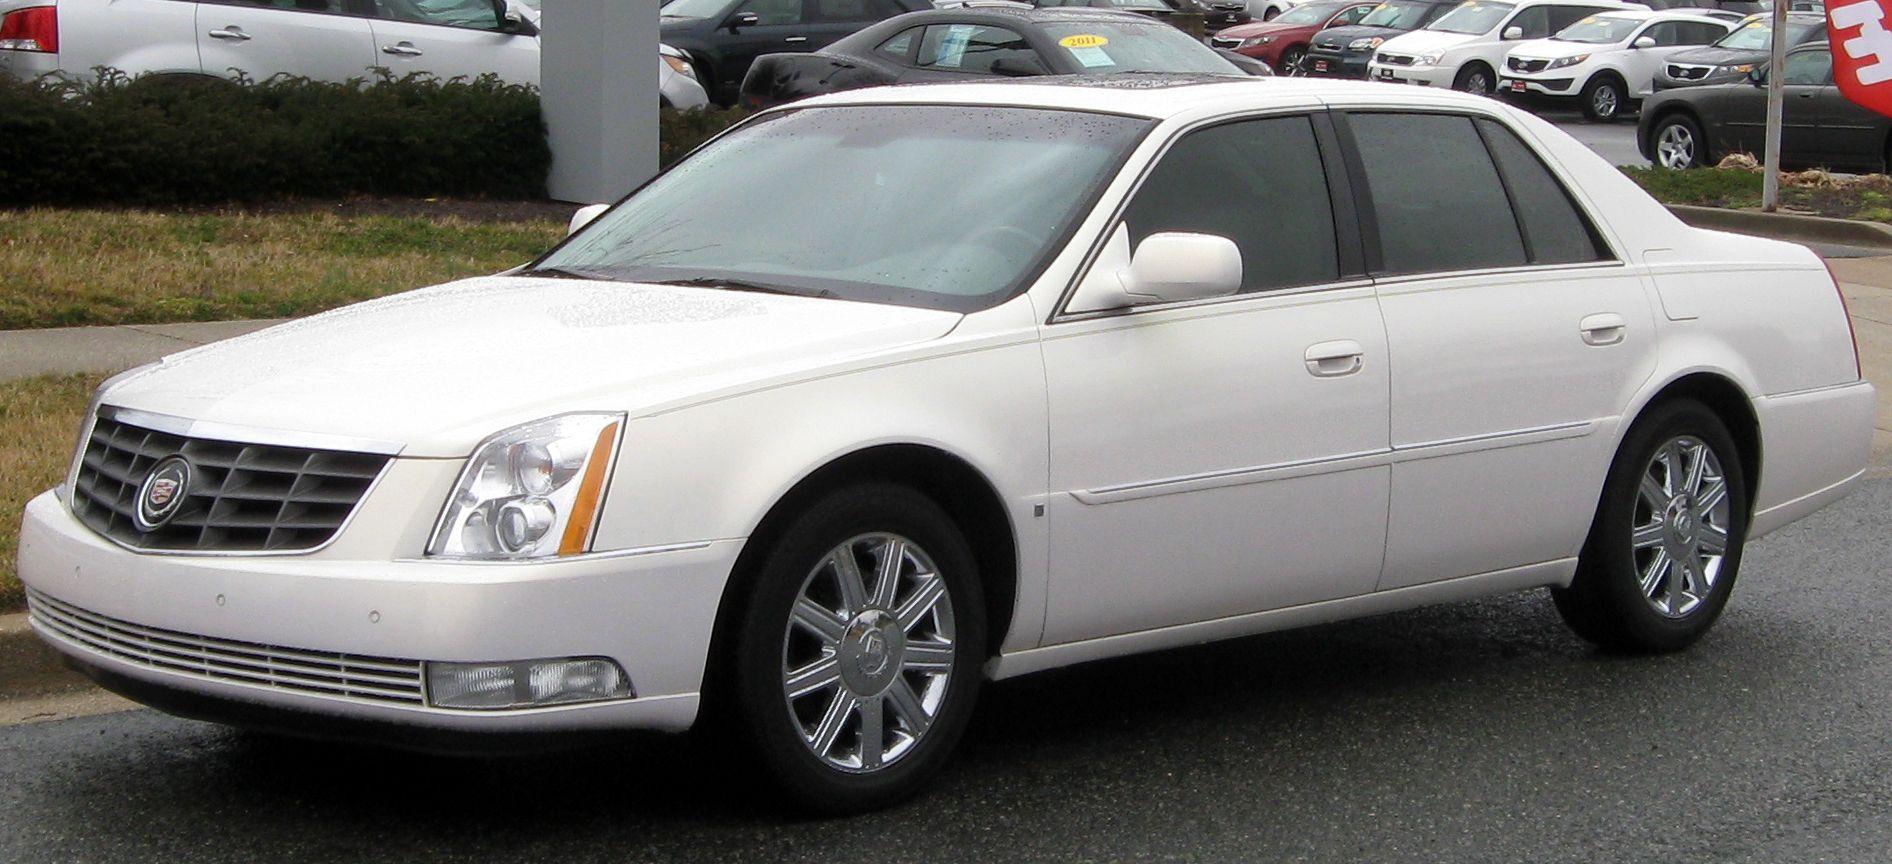 2006 Cadillac Dts Armrest